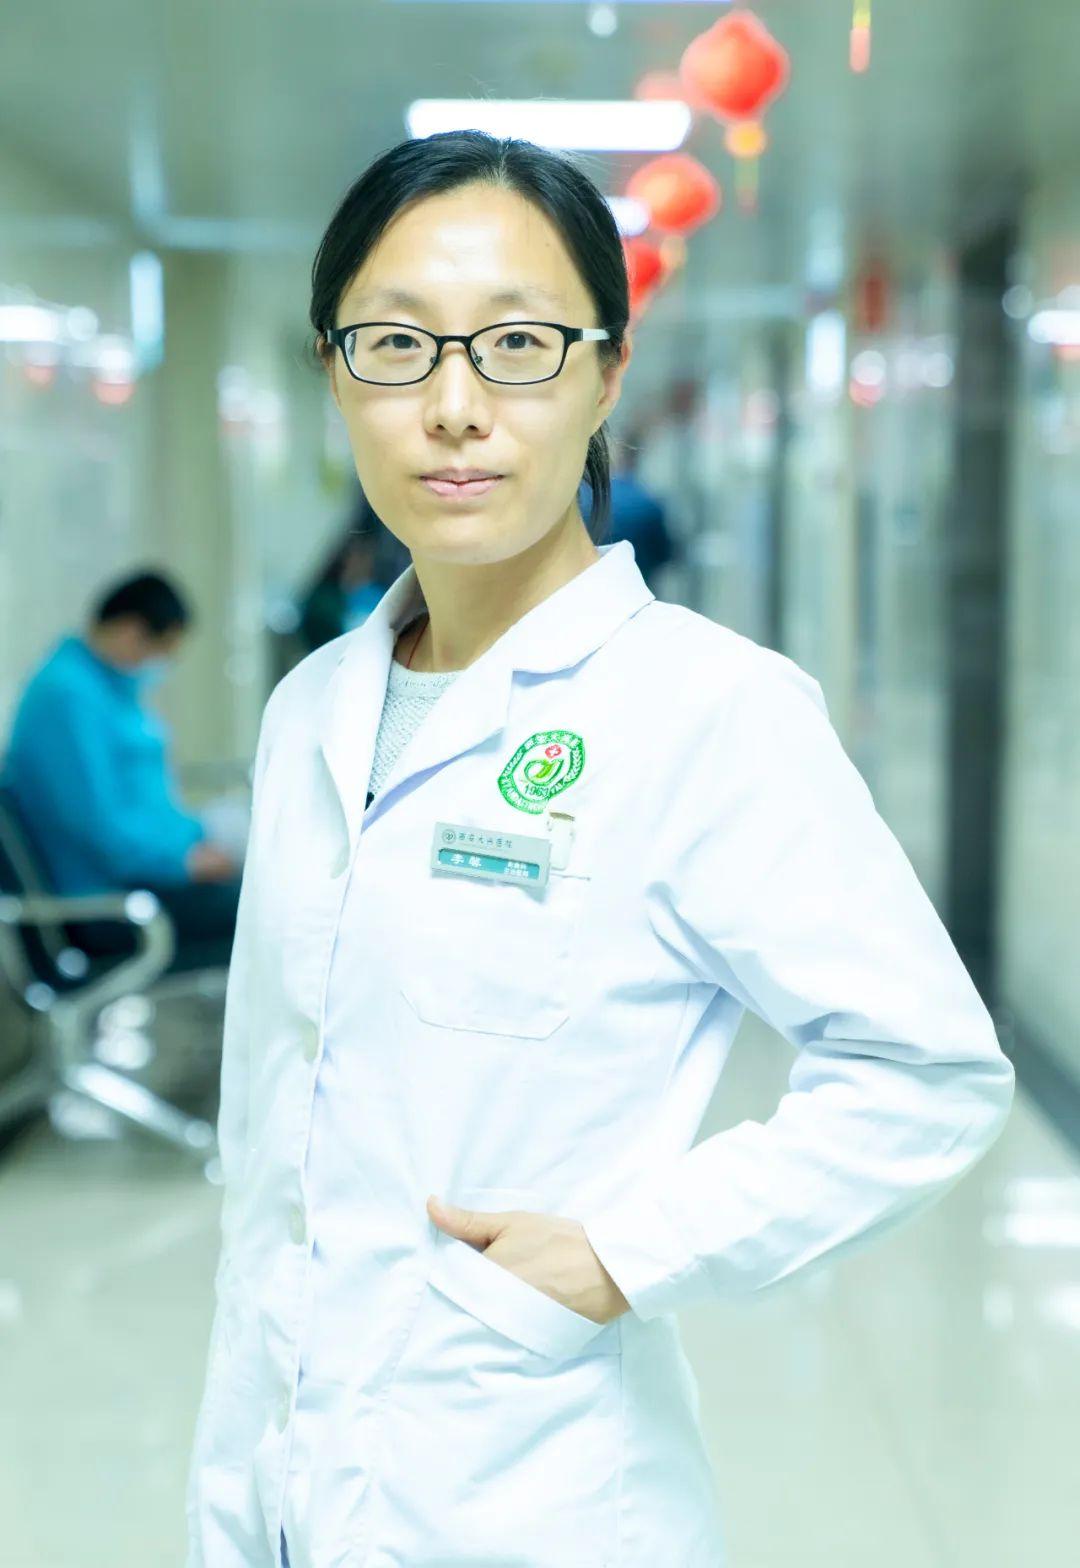 西安大兴医院李馨:人生需要不断精进